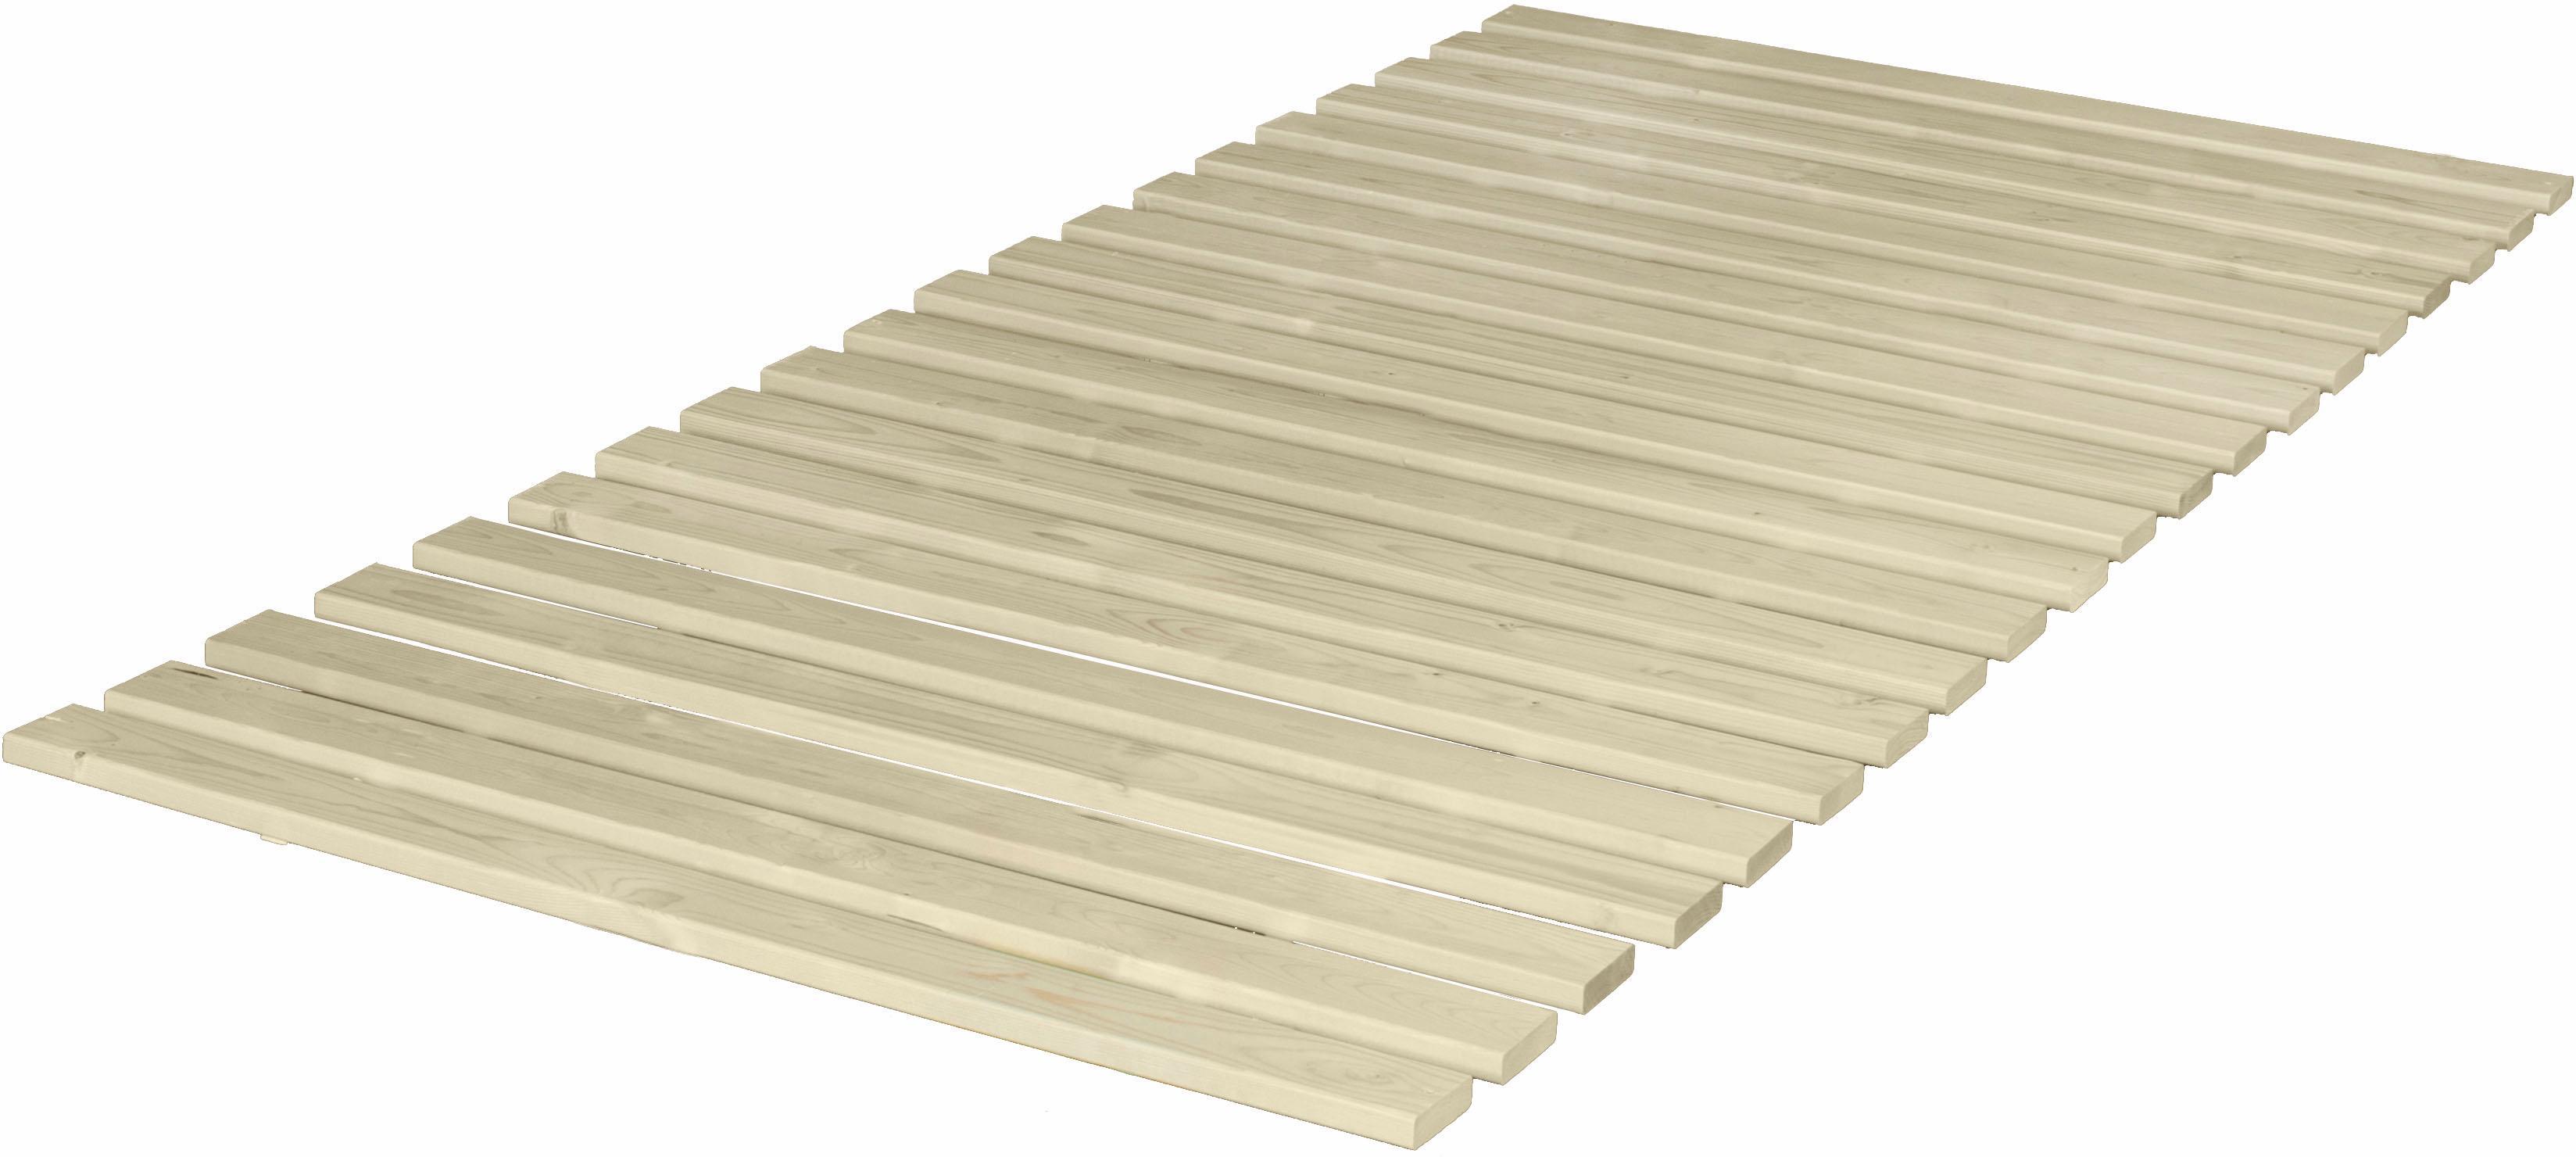 Rollrost, »Fichte«, Breckle, 20 Leisten, Kopfteil nicht verstellbar | Schlafzimmer > Lattenroste > Rollroste | Mehrfarbig | BRECKLE